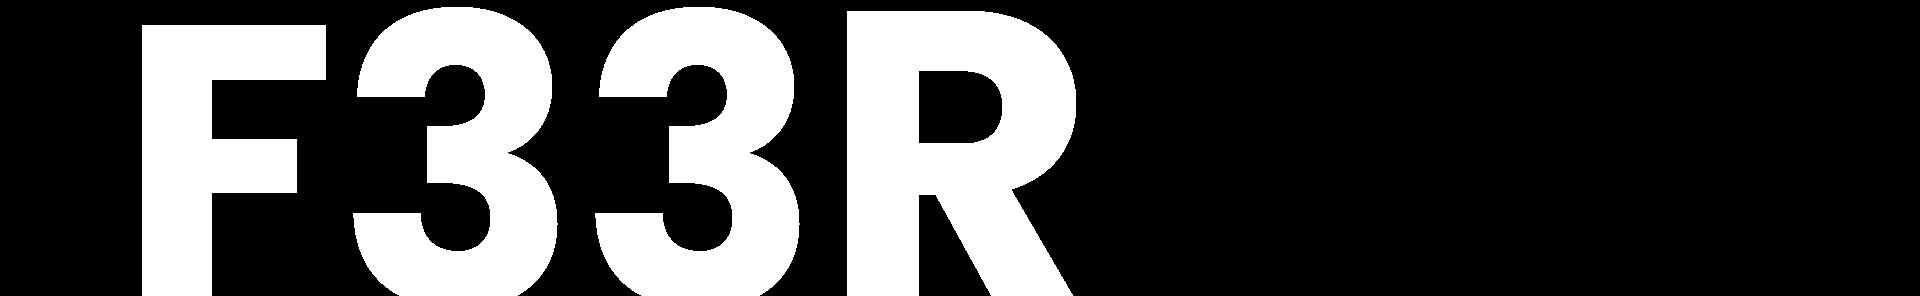 F33R_Background_Freshfilter